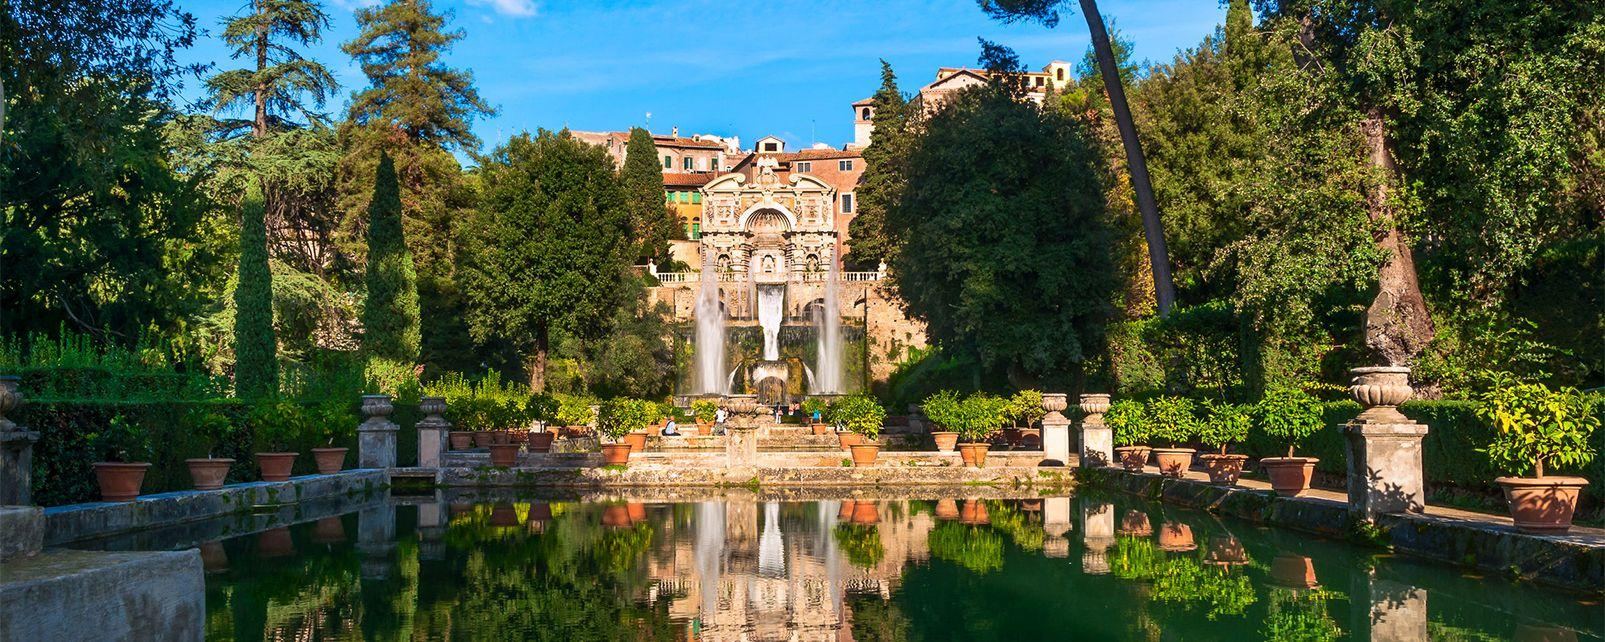 La villa d 39 este de tivoli latium italie for Jardin italien